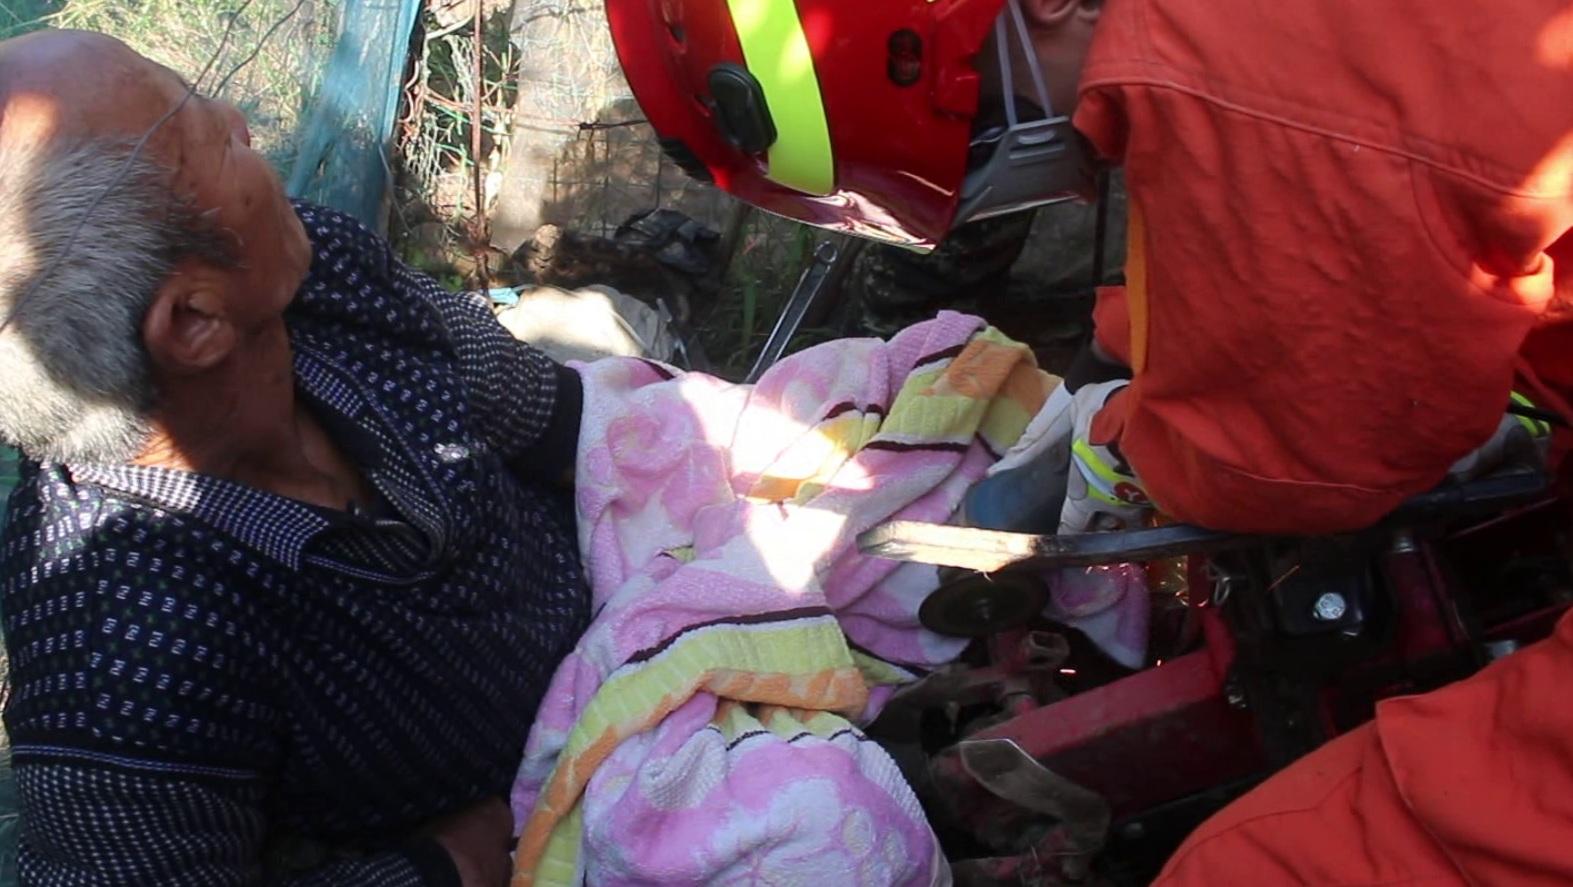 60秒丨淄博六旬老人腿卡耕田机 带着一半旋耕轮送医院